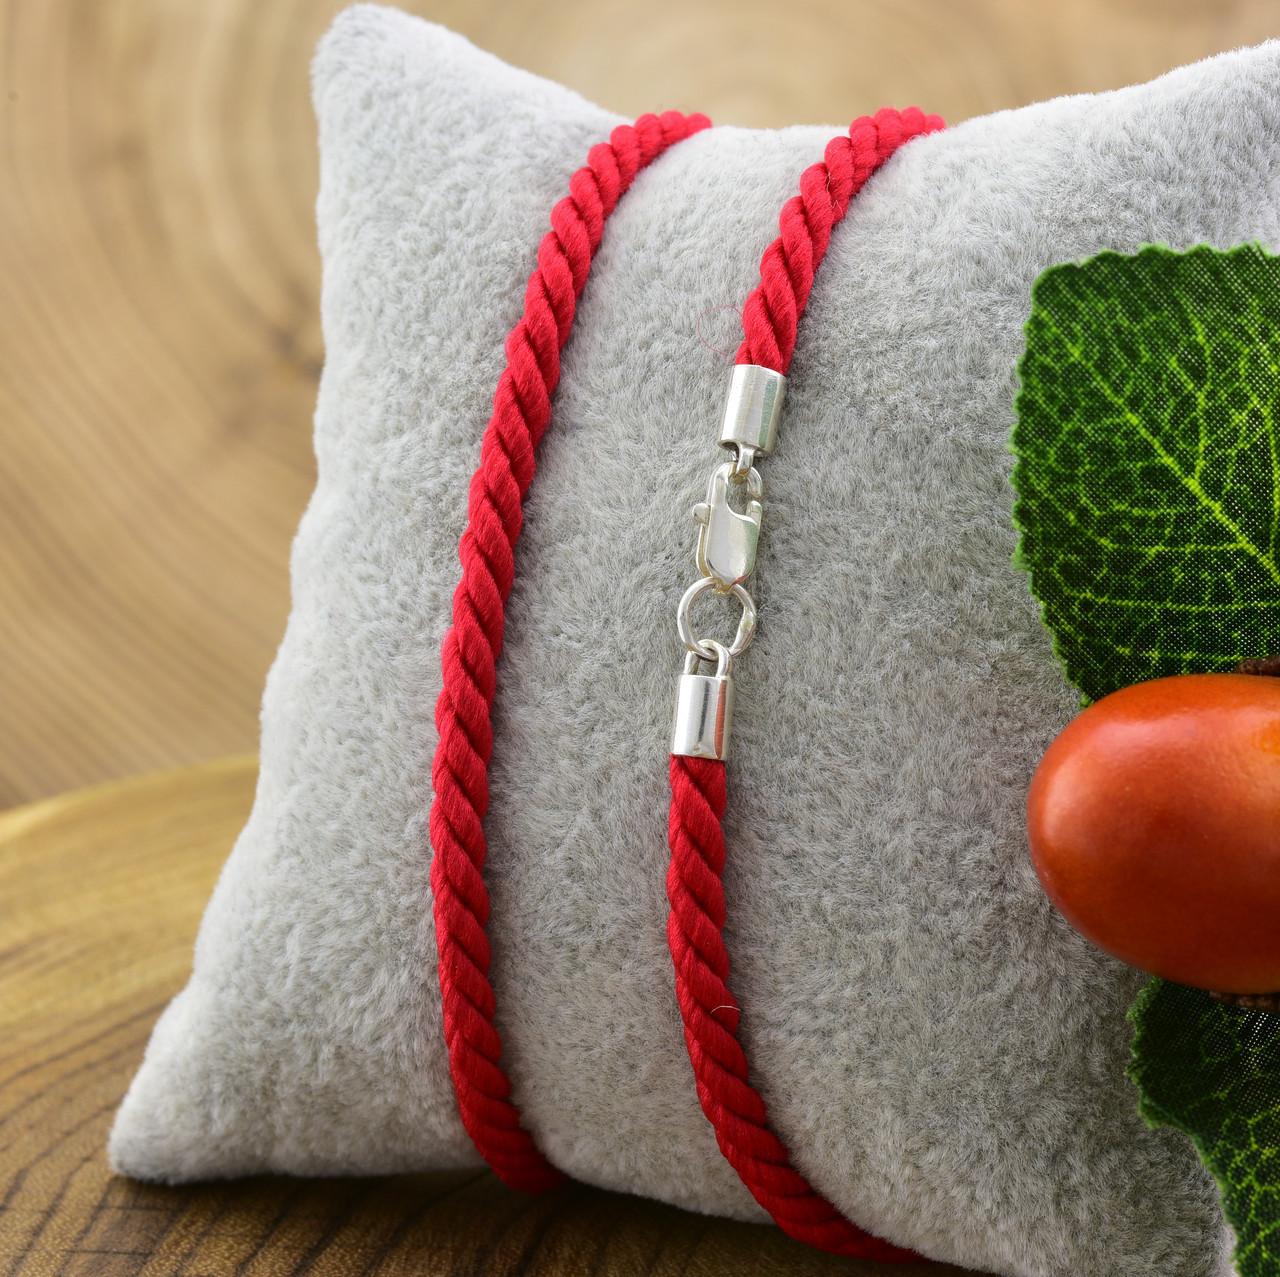 Шнурок плетённый шелковый цвет красный длина 50 см ширина 3 мм вес серебра 0.95 г